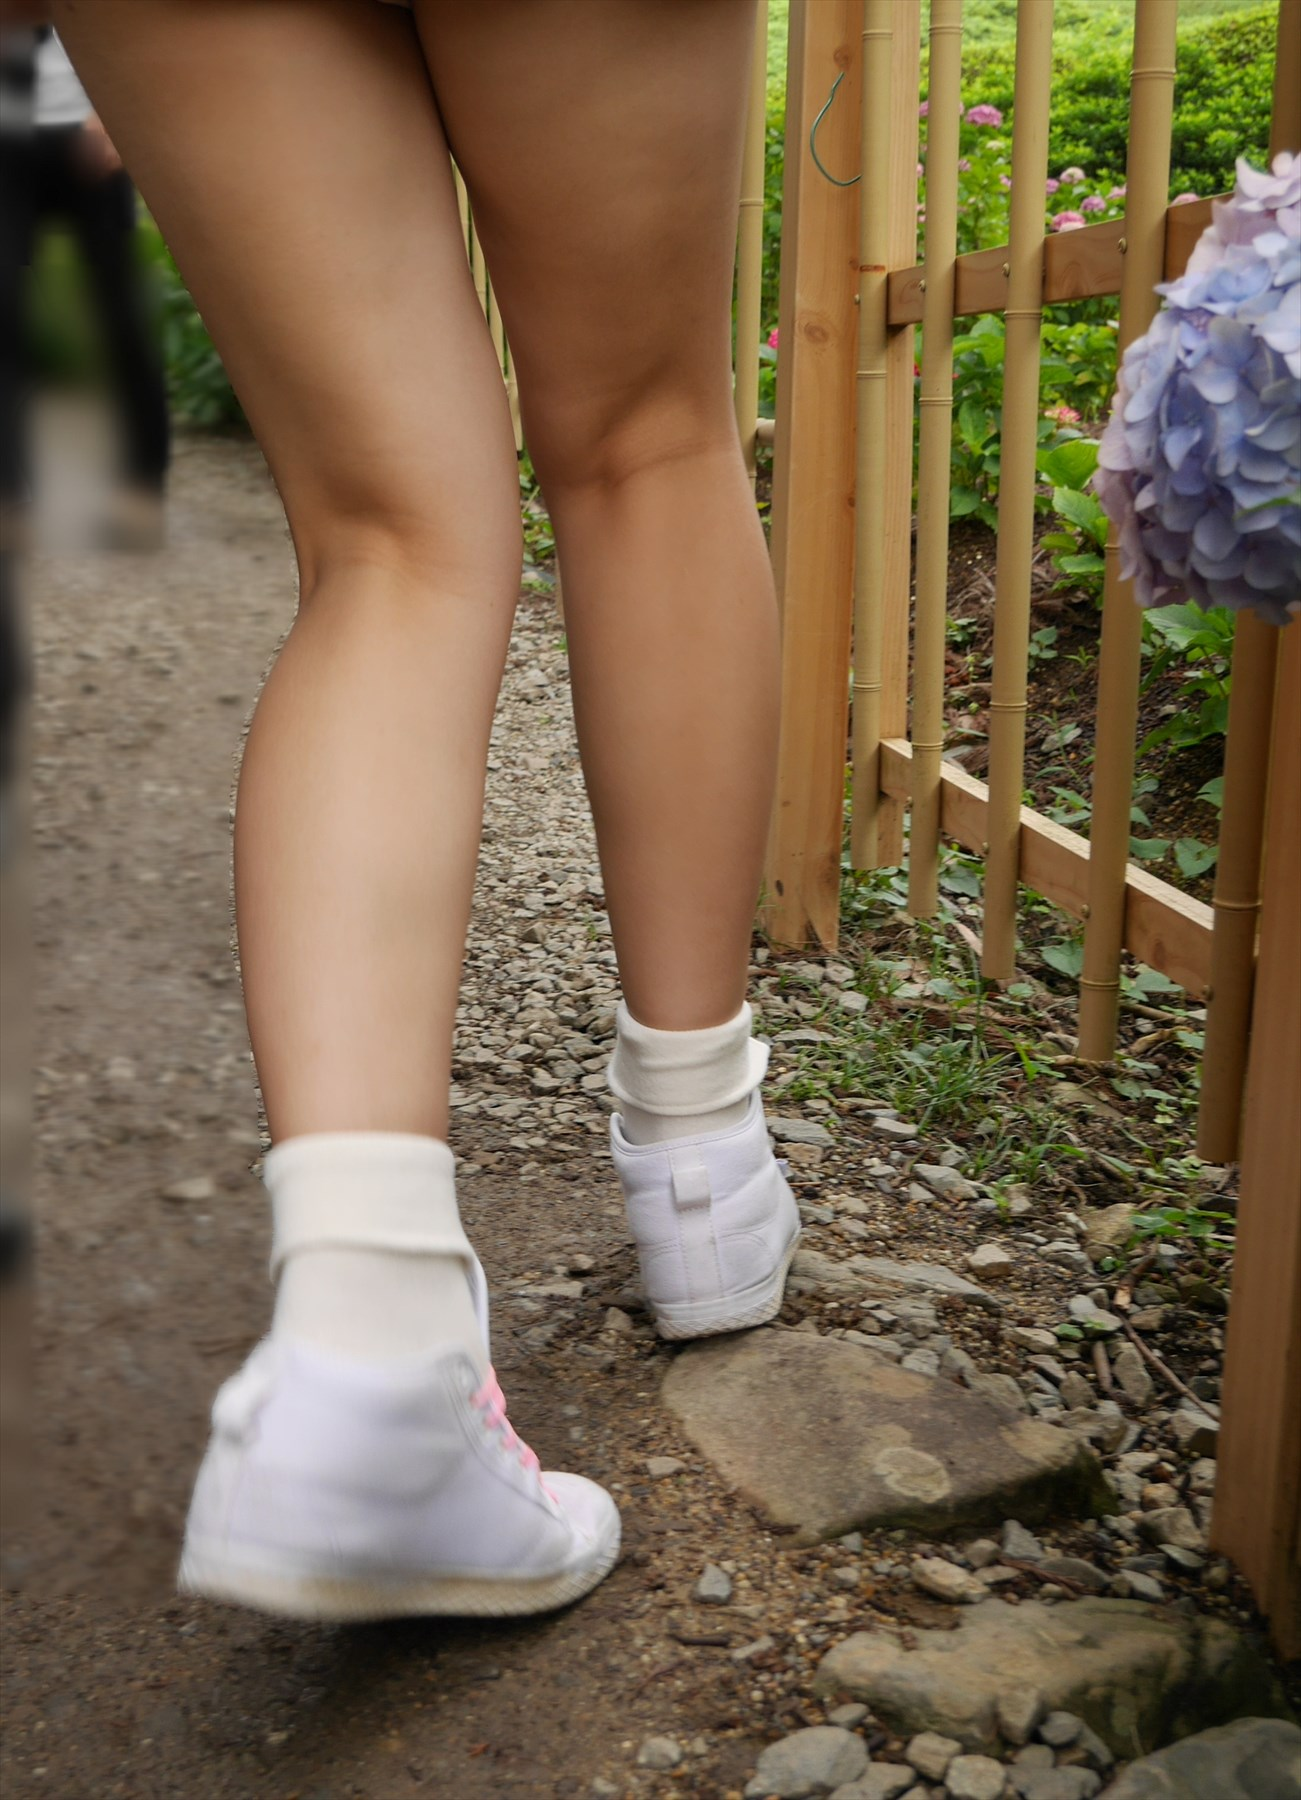 【美脚エロ画像】付け根から隠さず見せつける街角のムッチリ美脚の皆様(;´Д`)